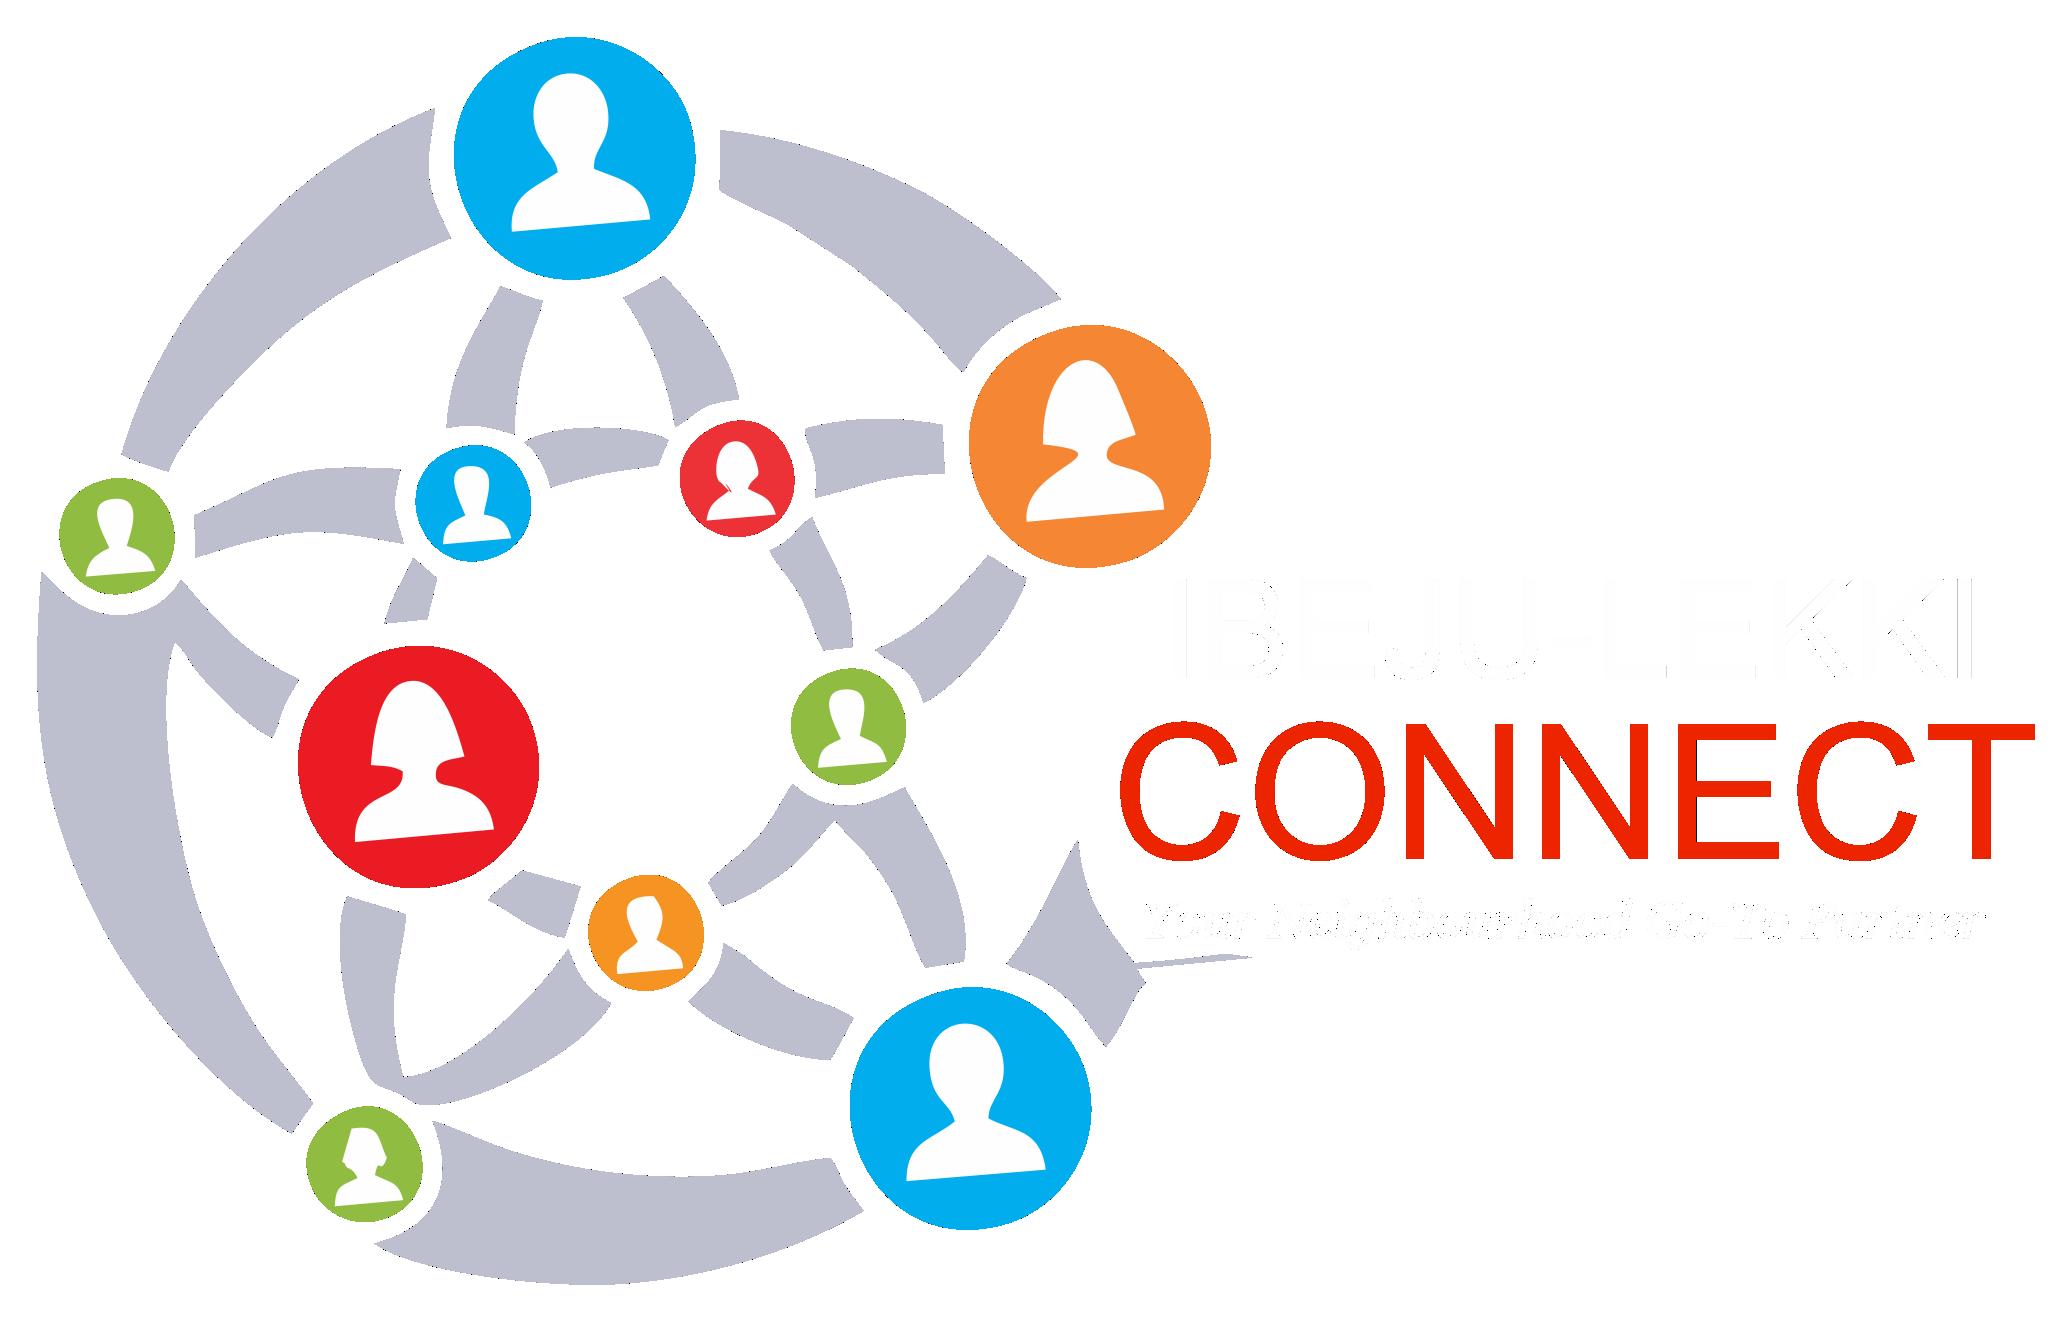 Ibeju Lekki Connect